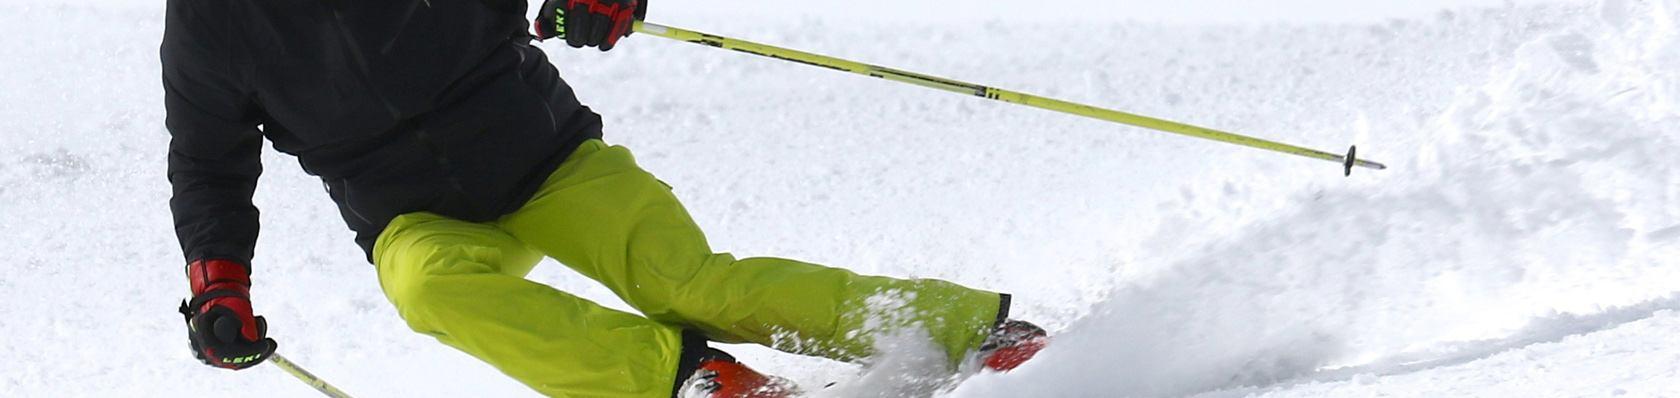 Skistöcke im Test auf ExpertenTesten.de